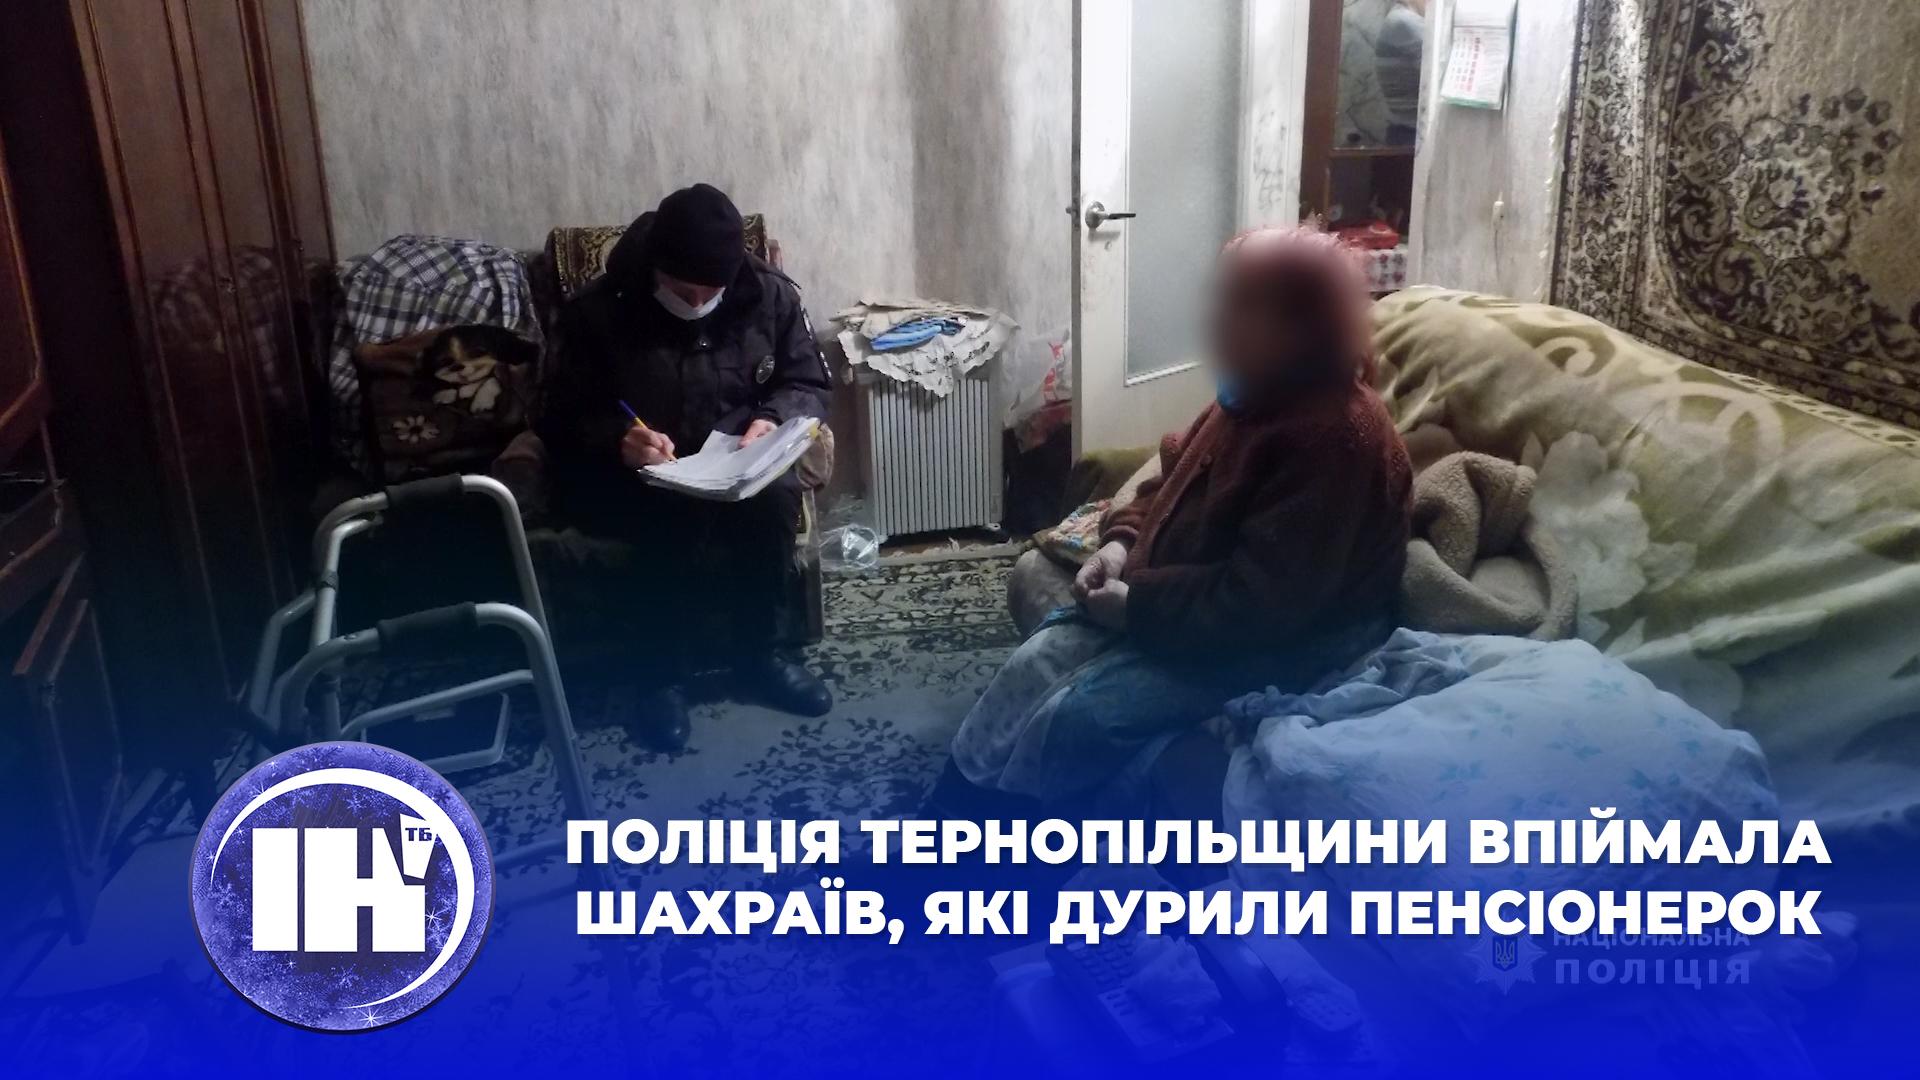 Поліція Тернопільщини впіймала шахраїв, які дурили пенсіонерок